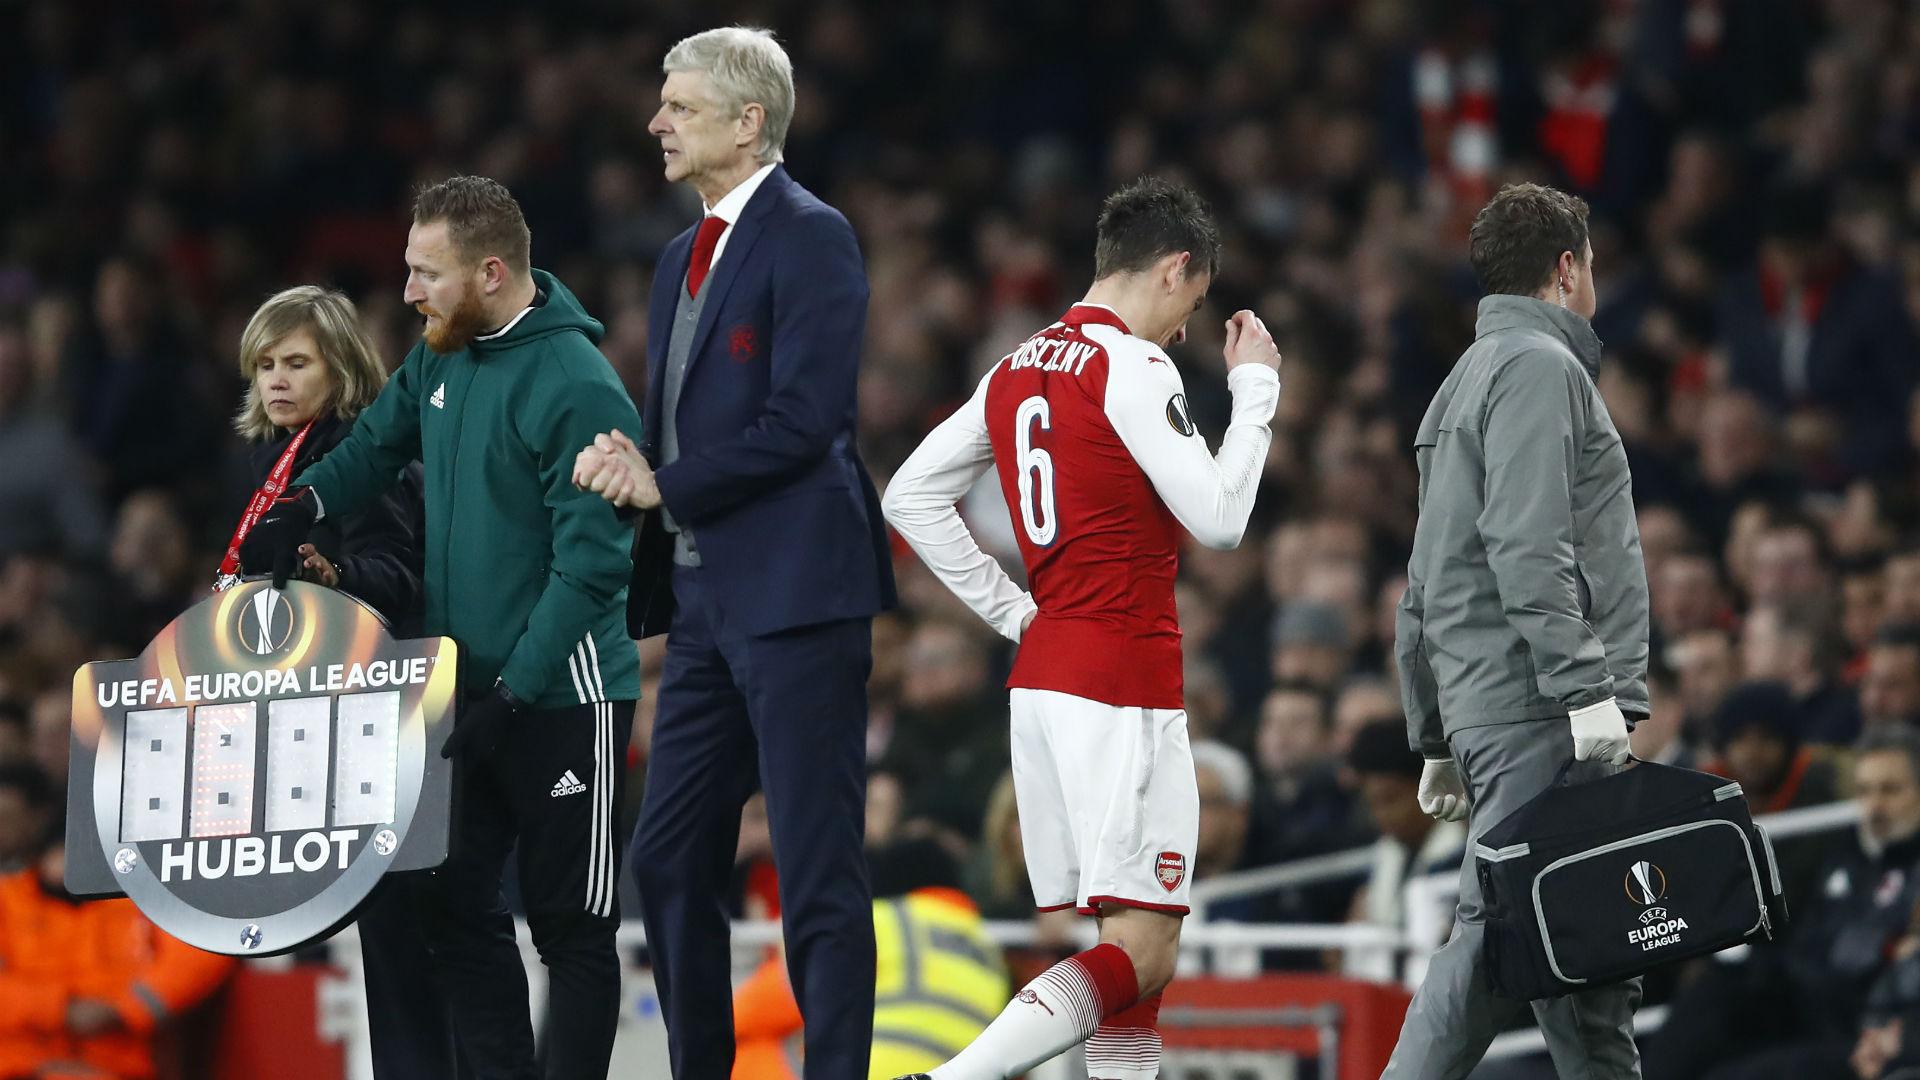 Arsenal s'en sort, Koscielny blessé sans gravité assure Wenger — Ligue Europa